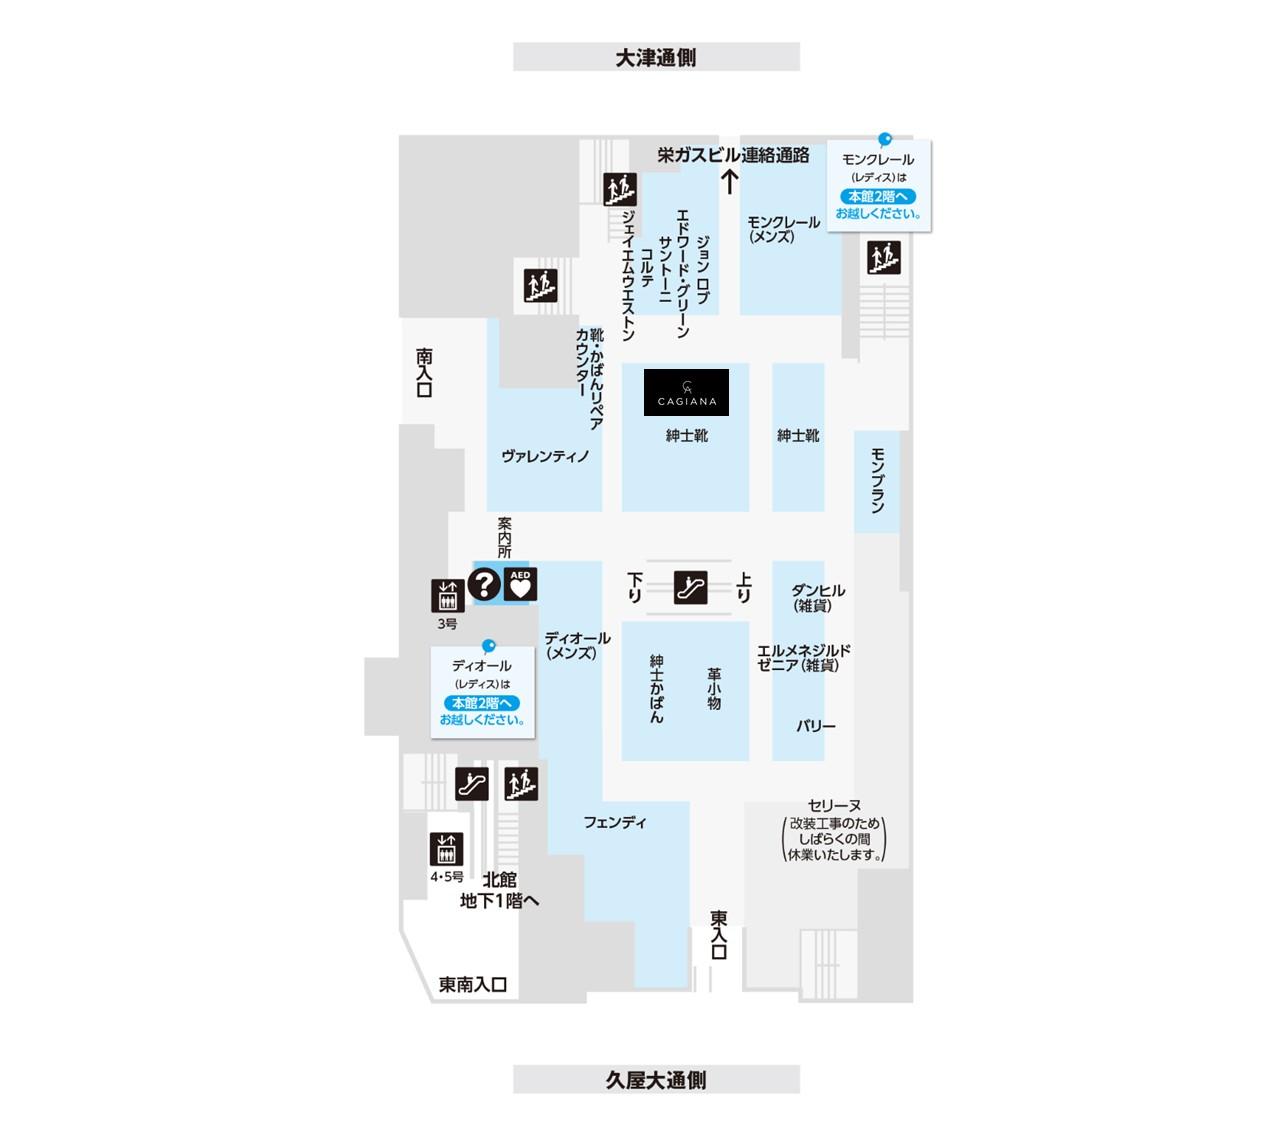 松坂屋名古屋店 北館1Fマップ